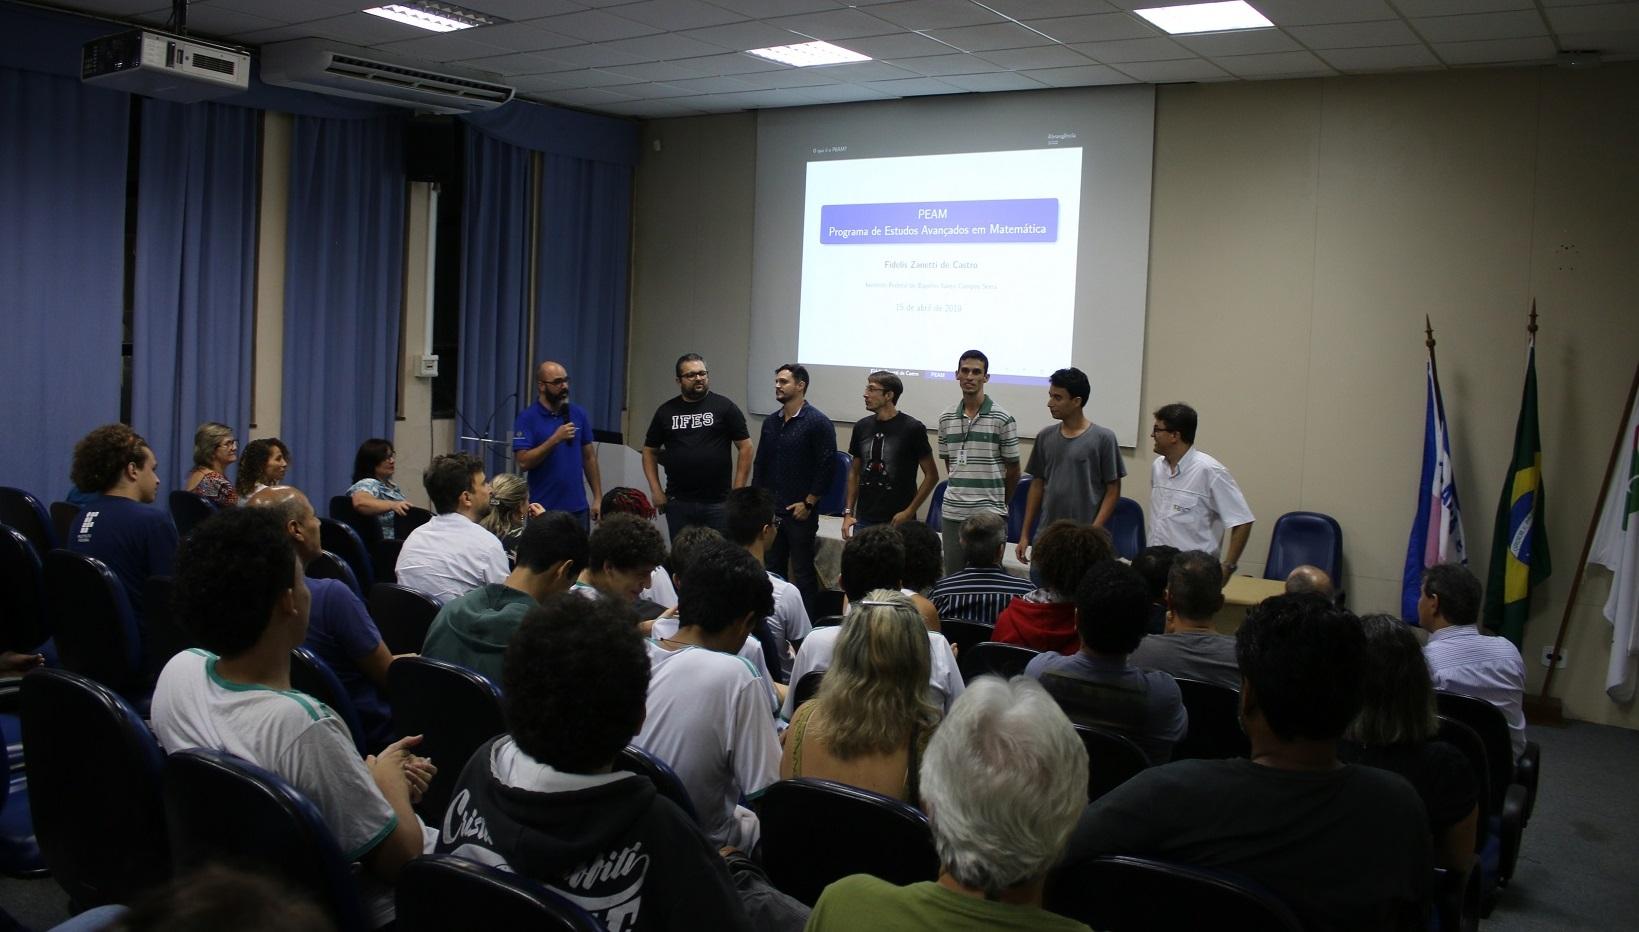 Programa de Estudos Avançados em Matemática realiza aula inaugural no Campus Serra